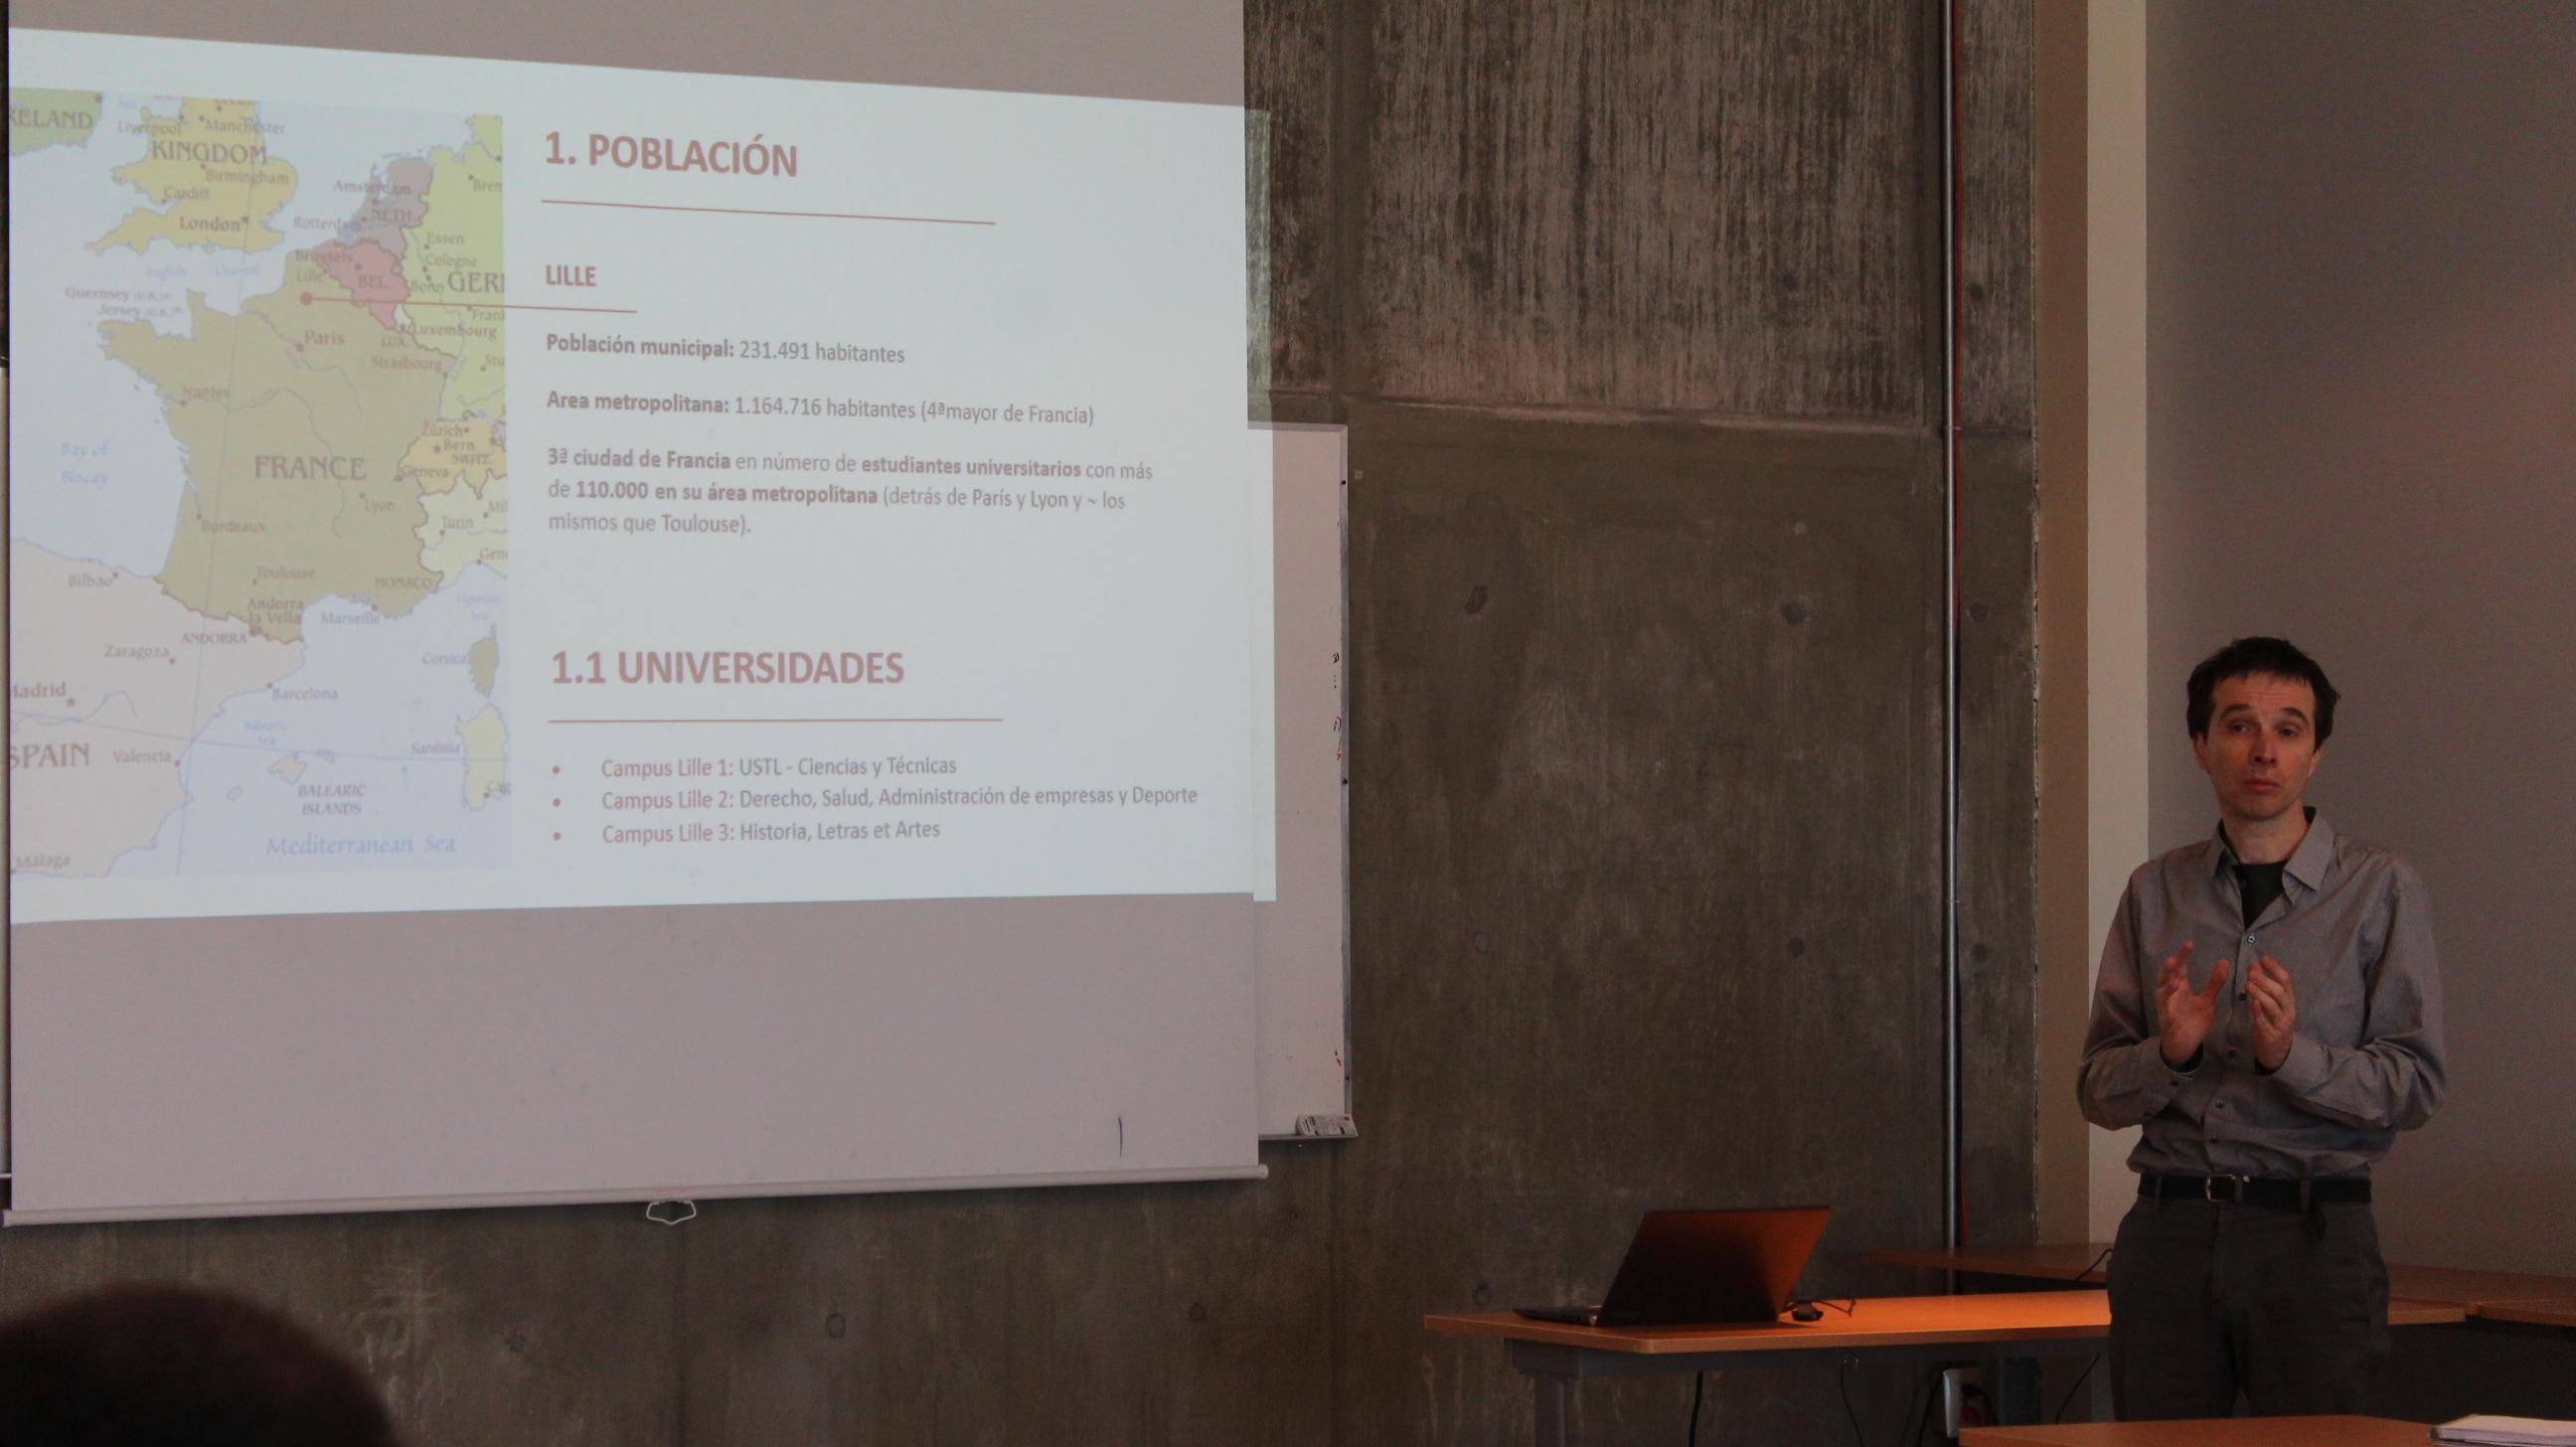 El doctor David Papo expone mediante diapositivas cómo es la Universidad de Lile